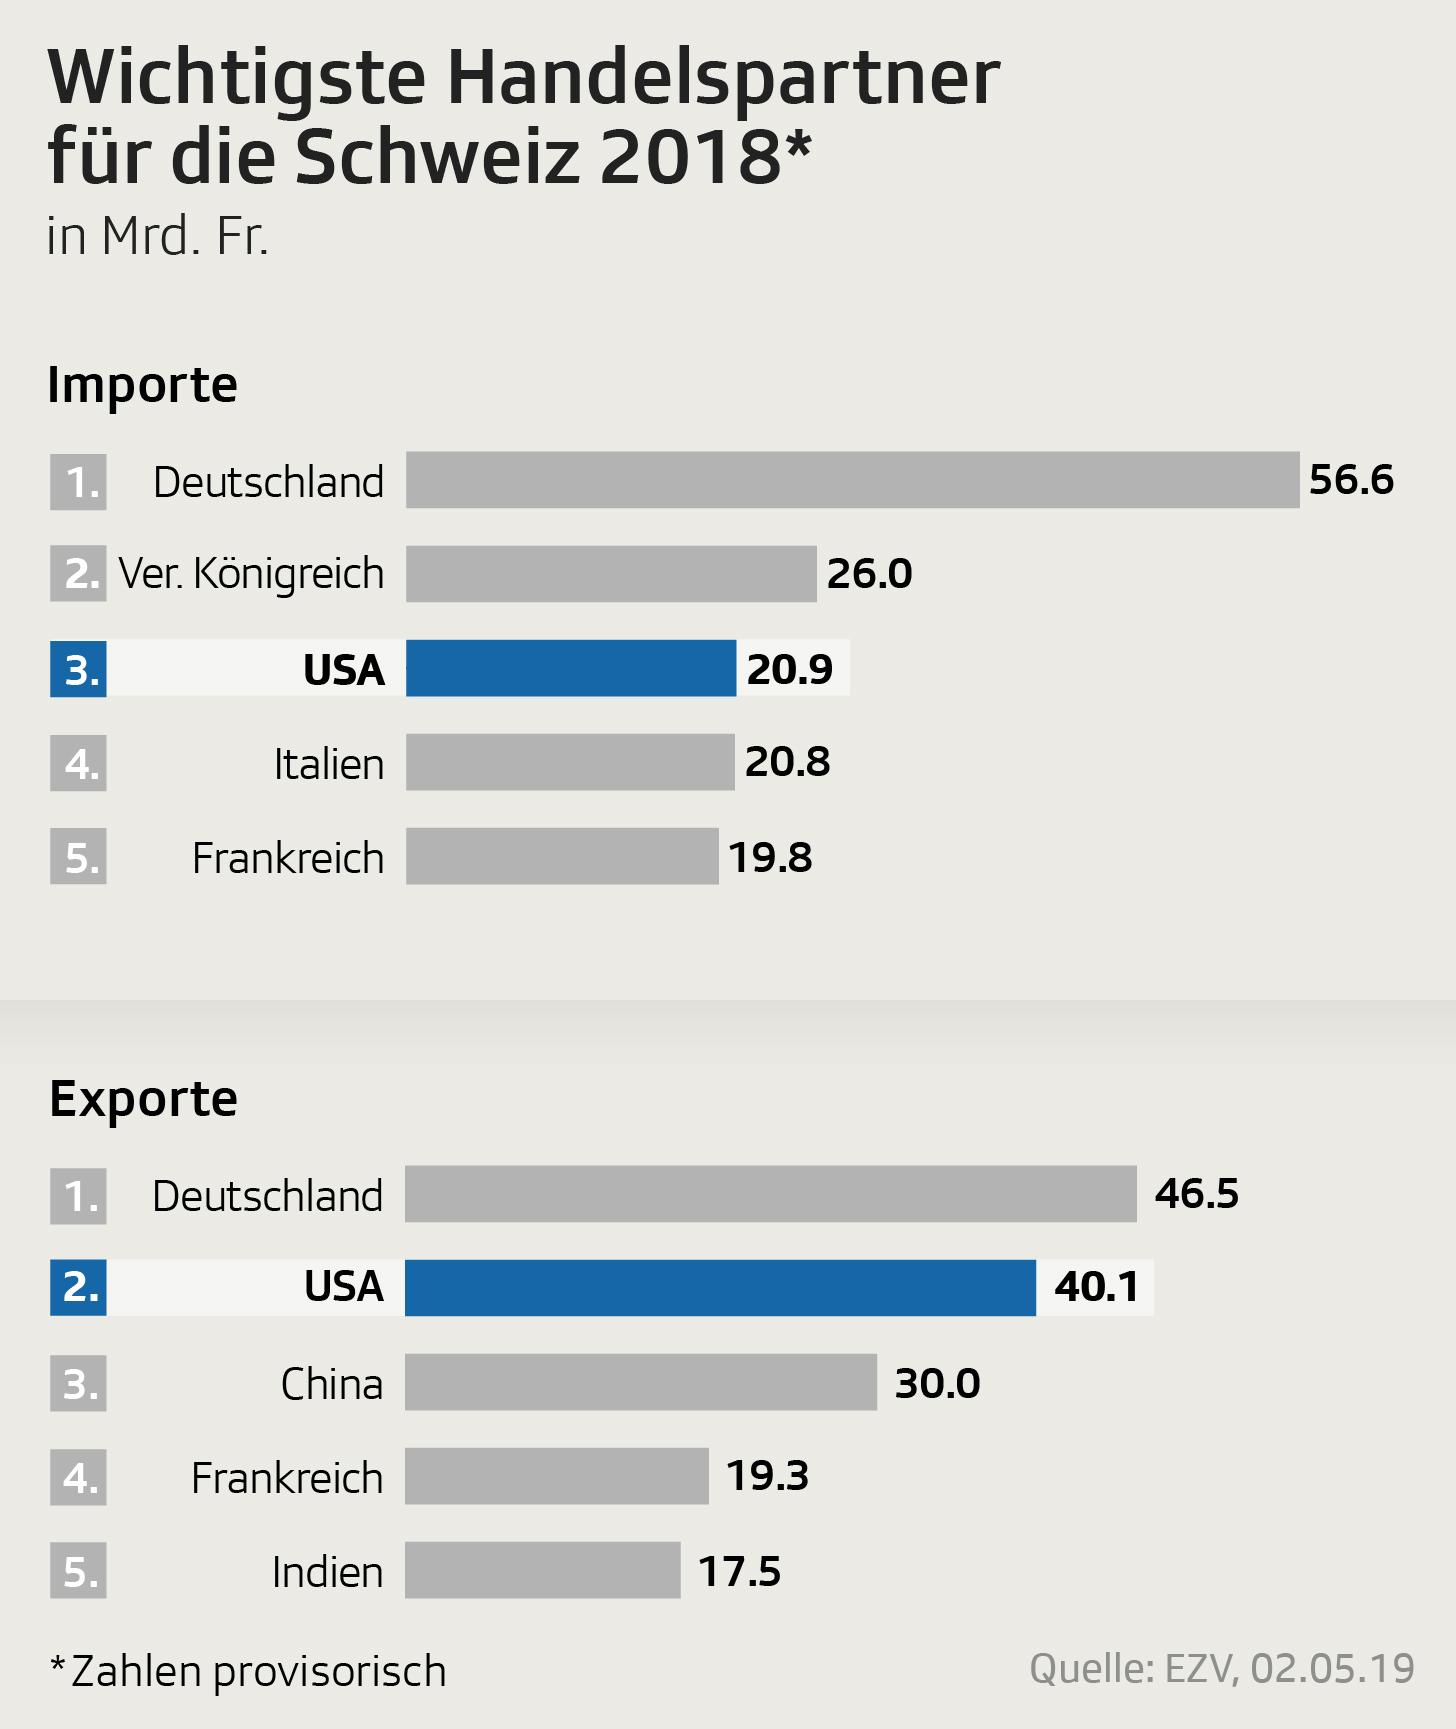 Grafik zeigt Wichtigkeit der Handelspartner Schweiz-USA in einer Rangliste